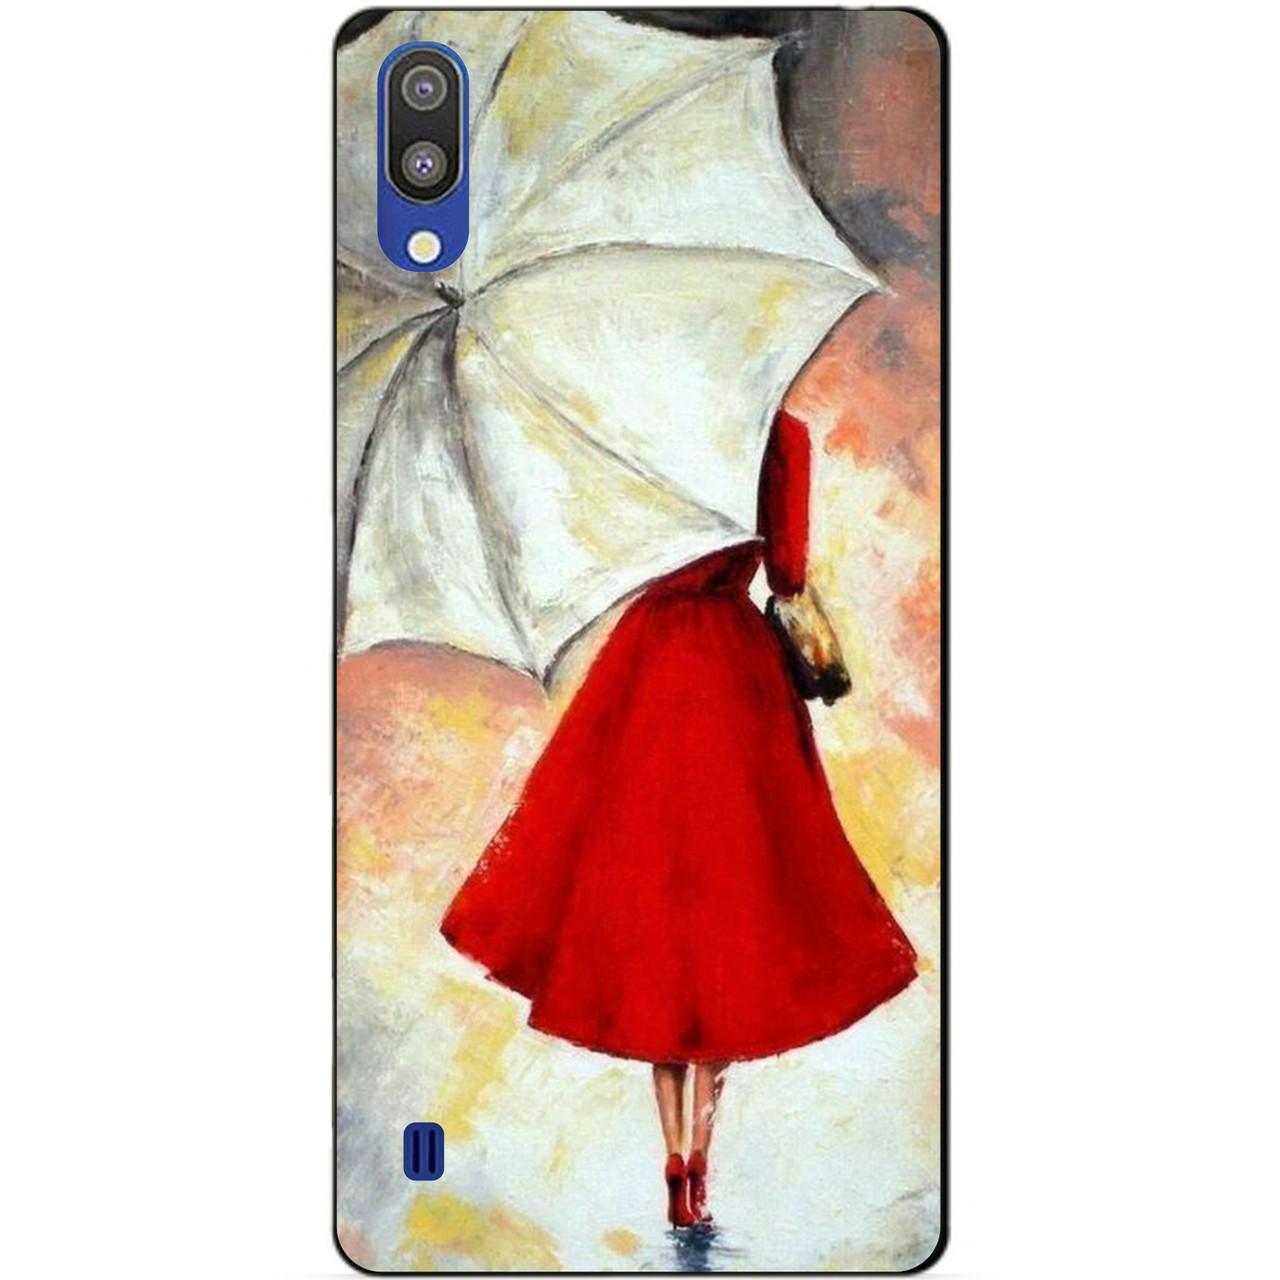 Чехол силиконовый для Samsung M10 2019 Galaxy M105f с рисунком Зонт